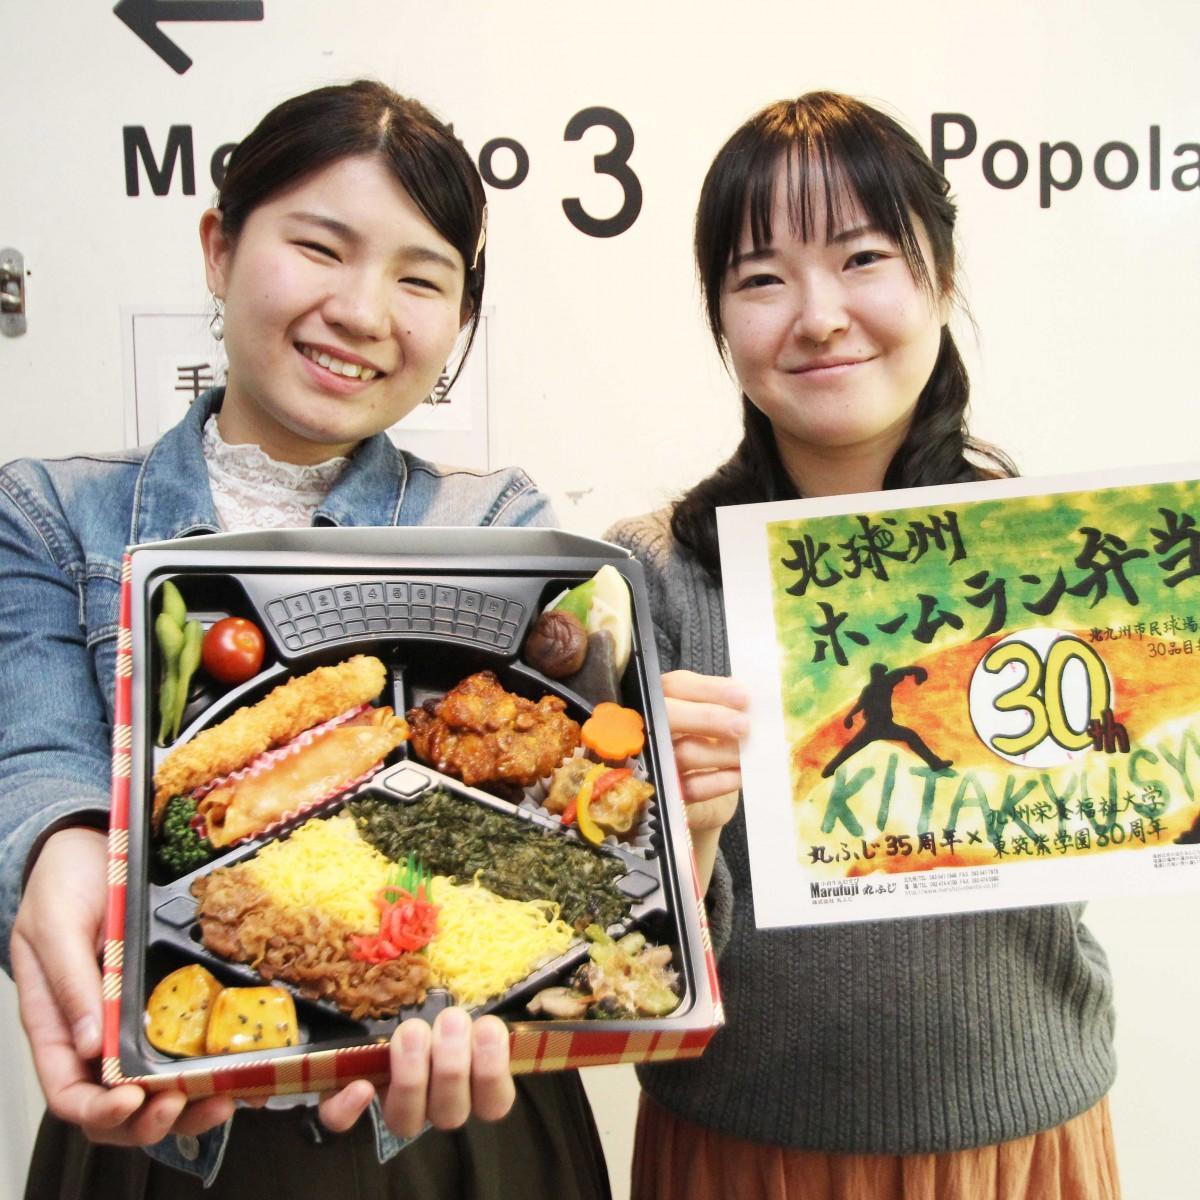 学生チームリーダーの油屋和さん(左)と助教の氏峰栞里さん